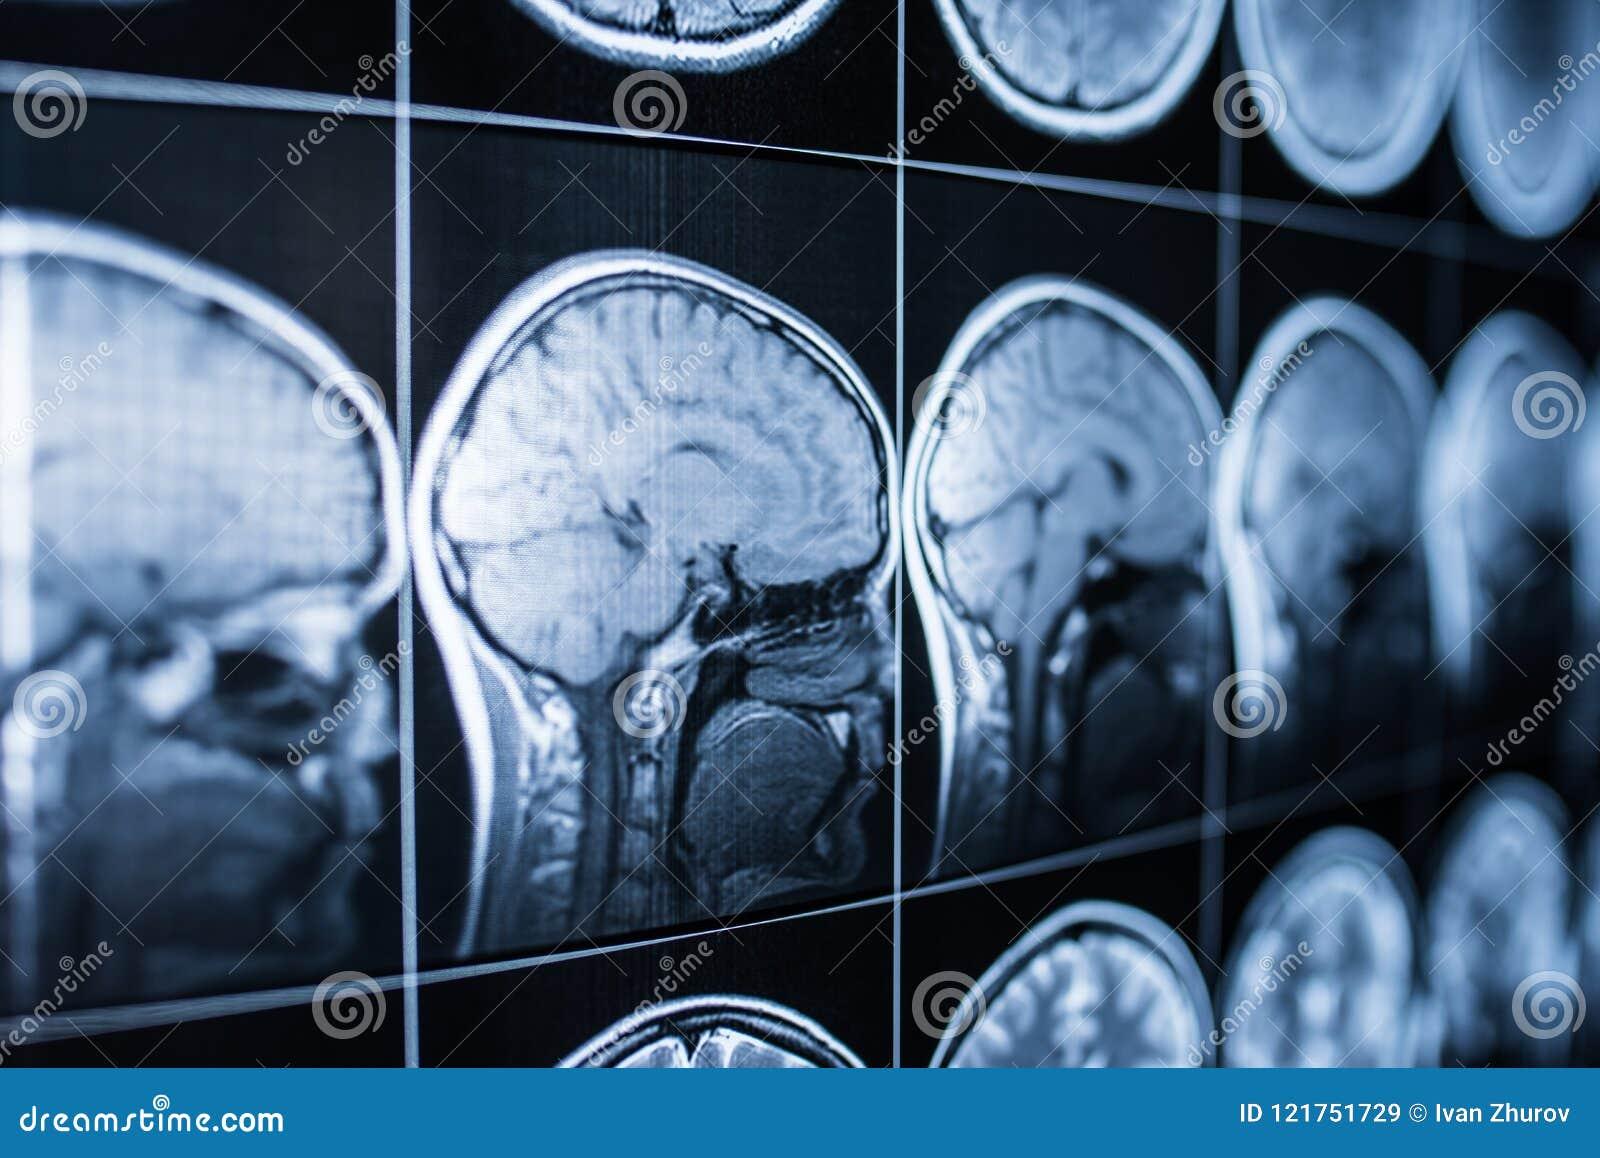 Рентгеновский снимок головы и мозга персоны